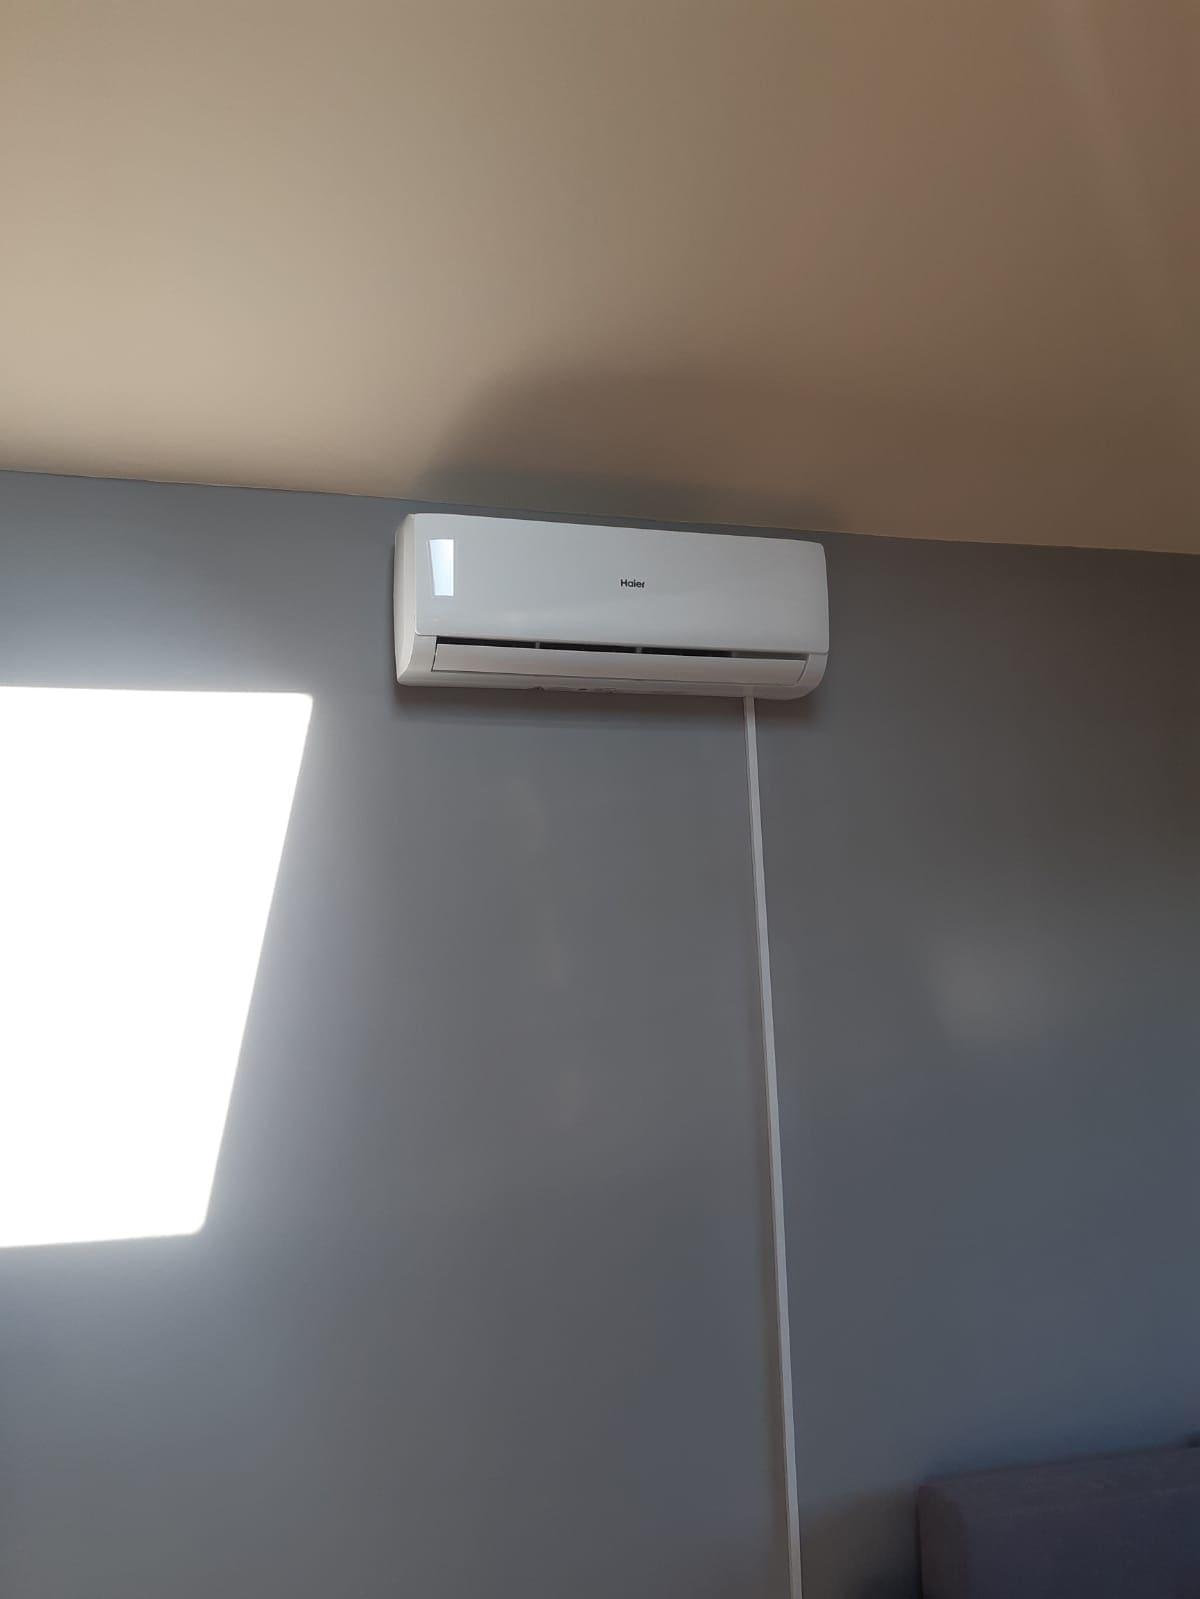 Zamontowana klimatyzacja domowa